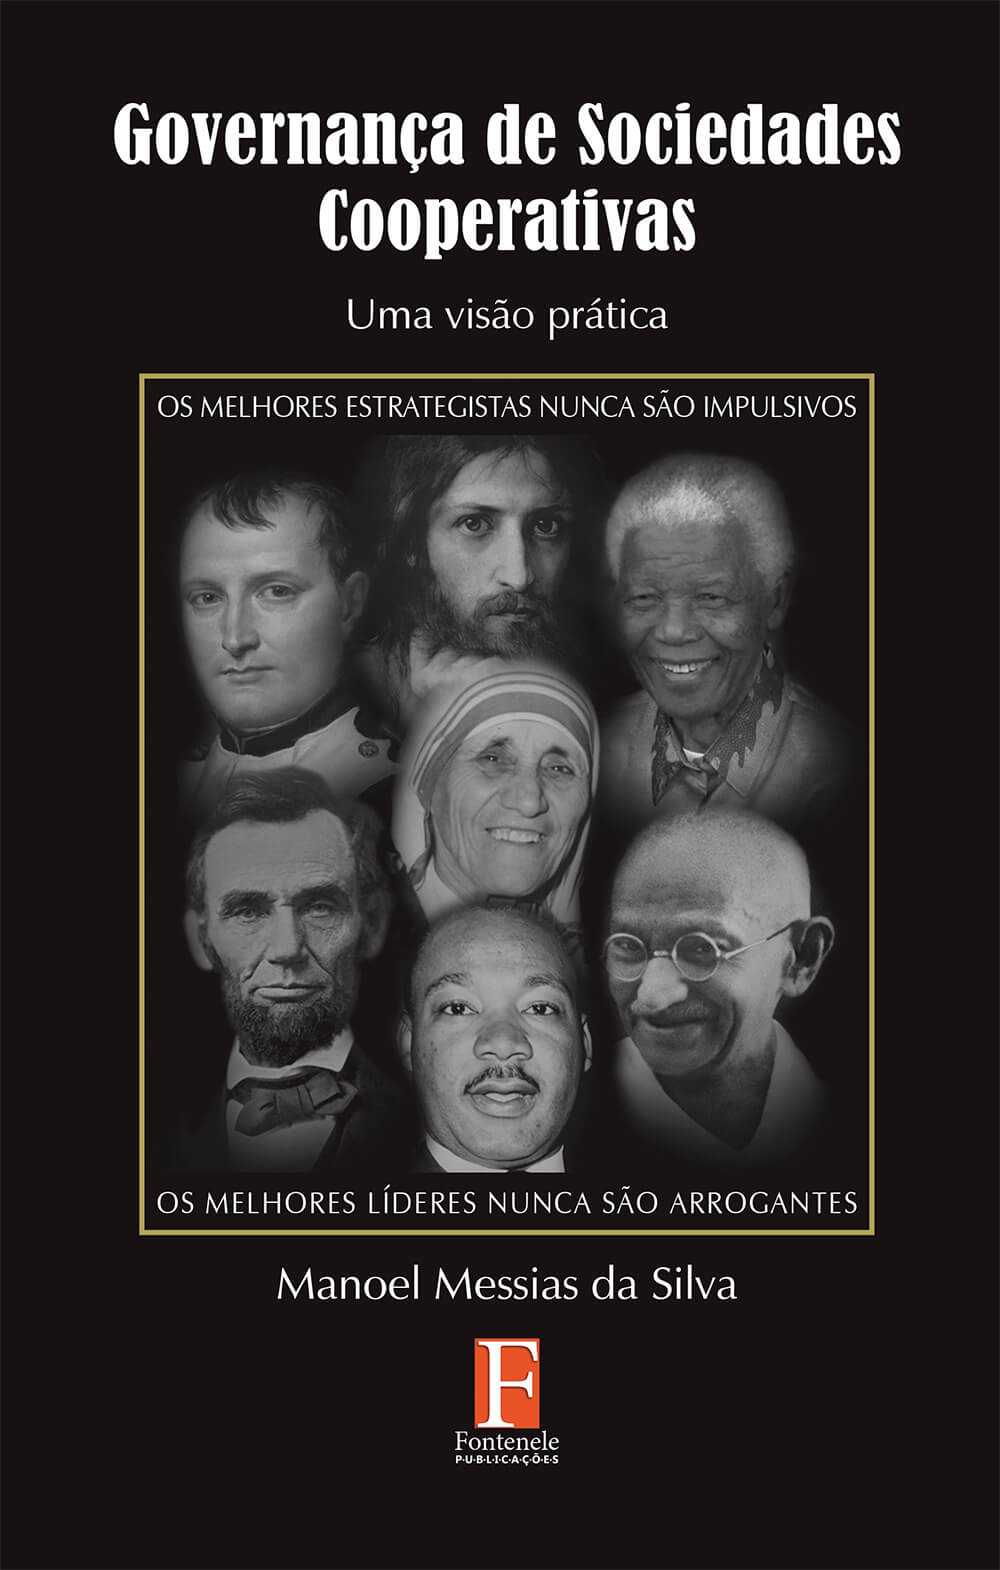 Fontenele Publicações / 11 95150-3481 / 11  95150-4383 GOVERNANÇA DE SOCIEDADES COOPERATIVAS – Uma visão prática